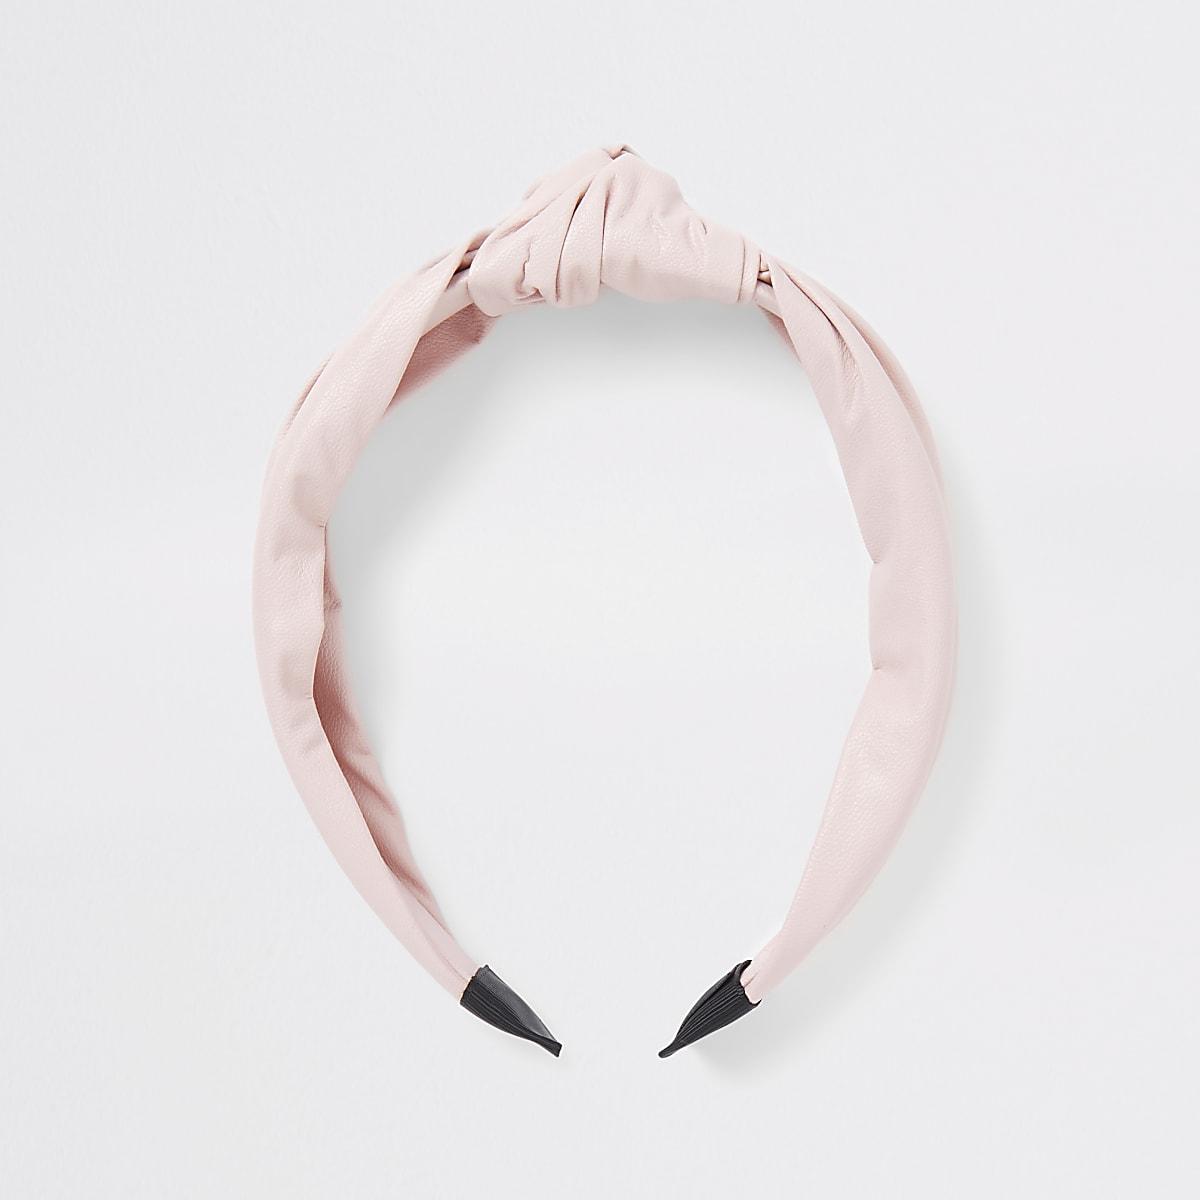 Roze, geknoopte hoofdband voor meisjes